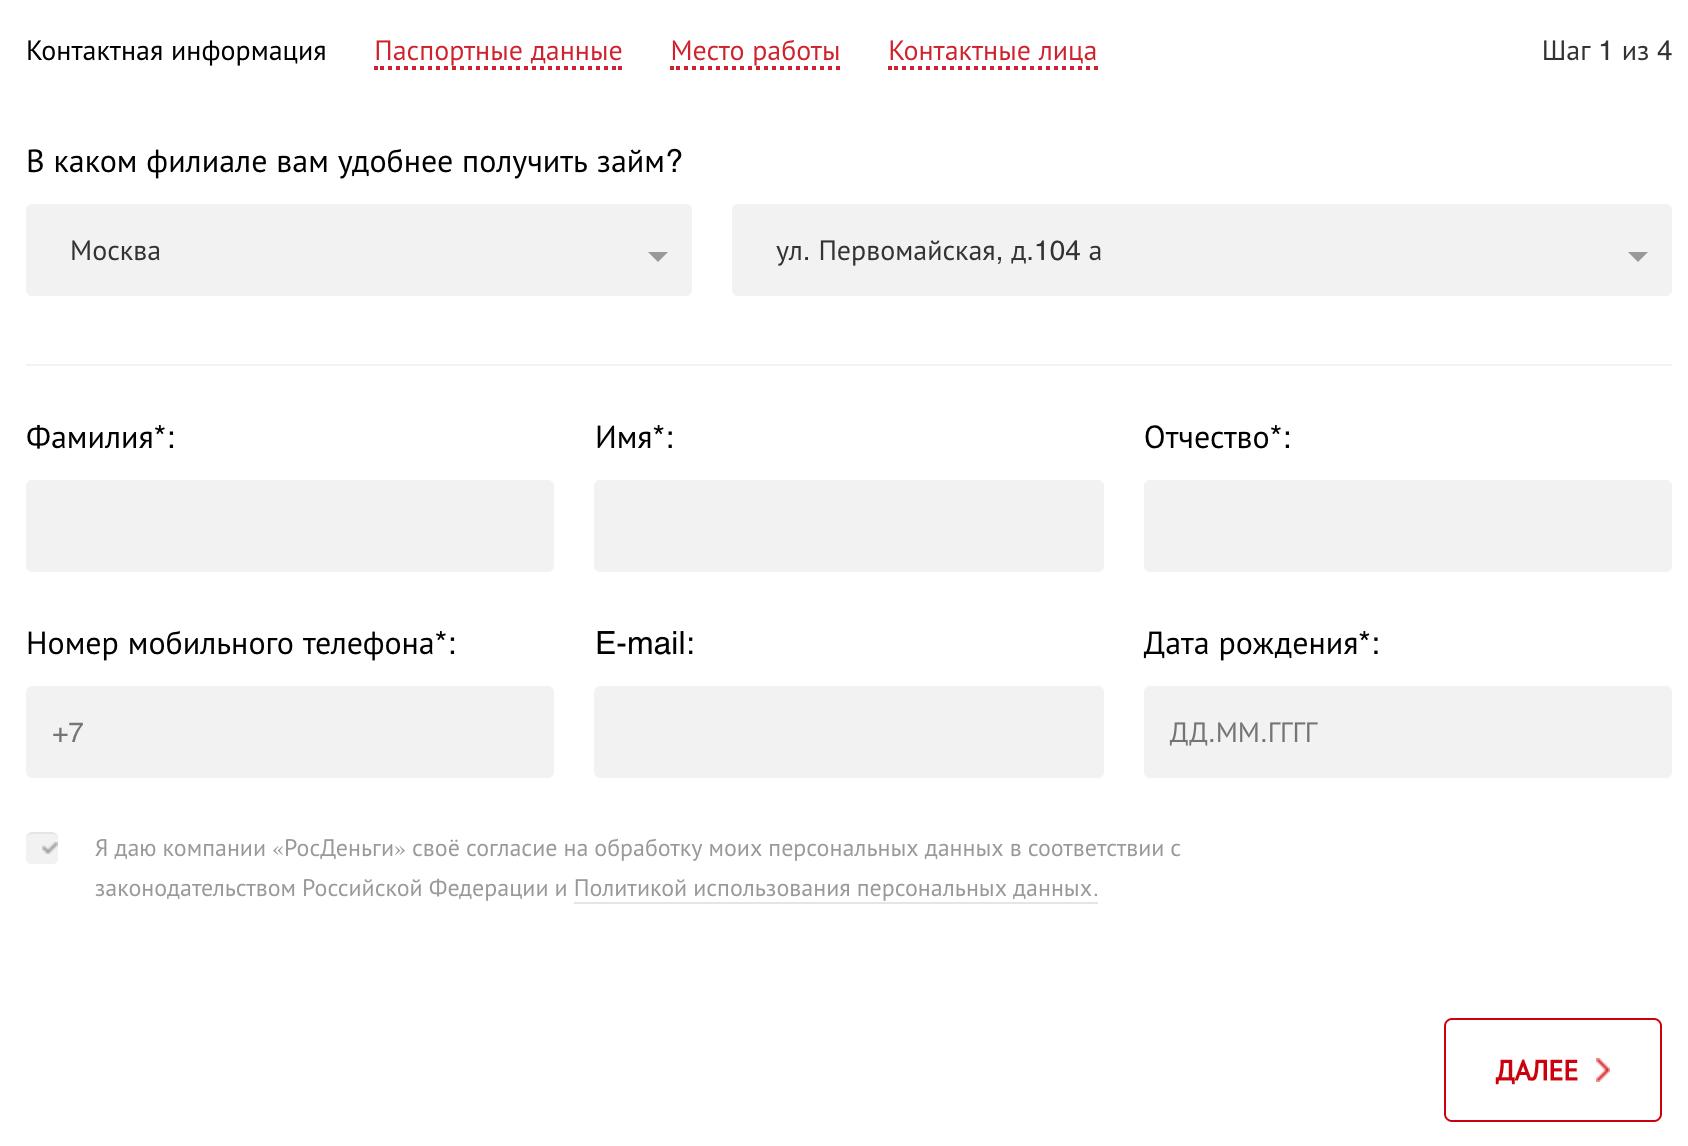 Росденьги: вход в личный кабинет и регистрация на сайте компании